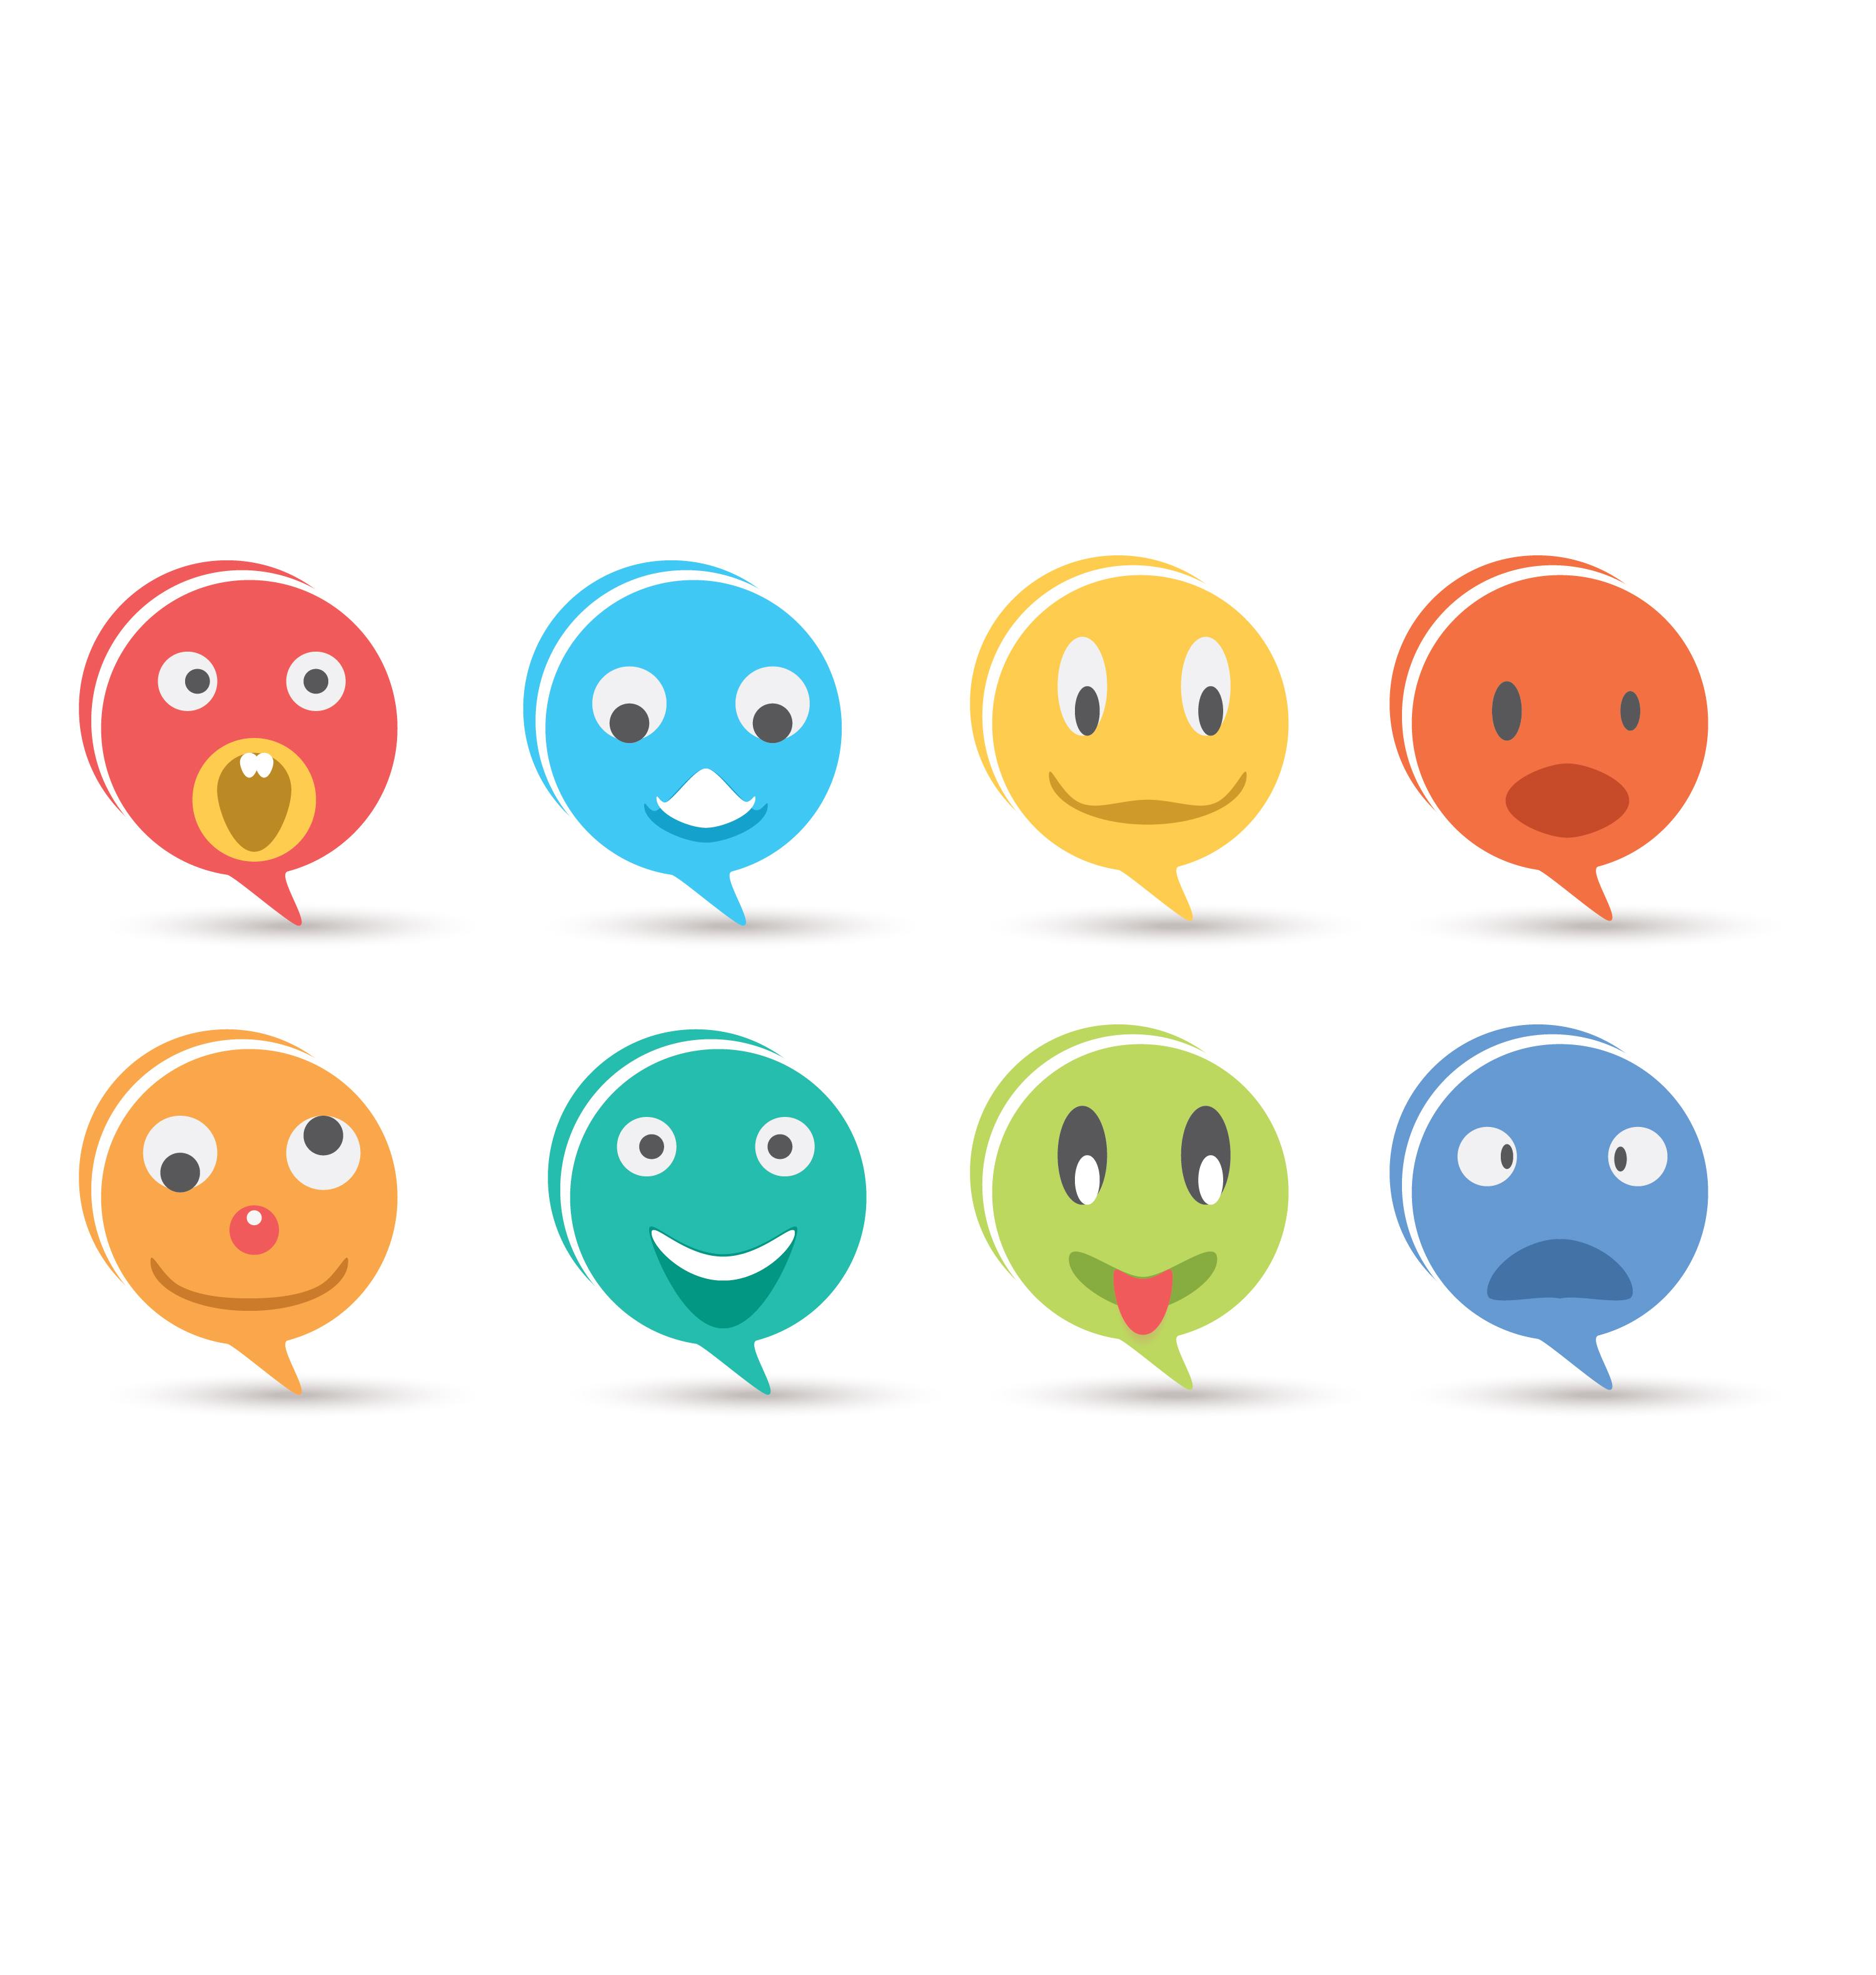 emoji icons vector